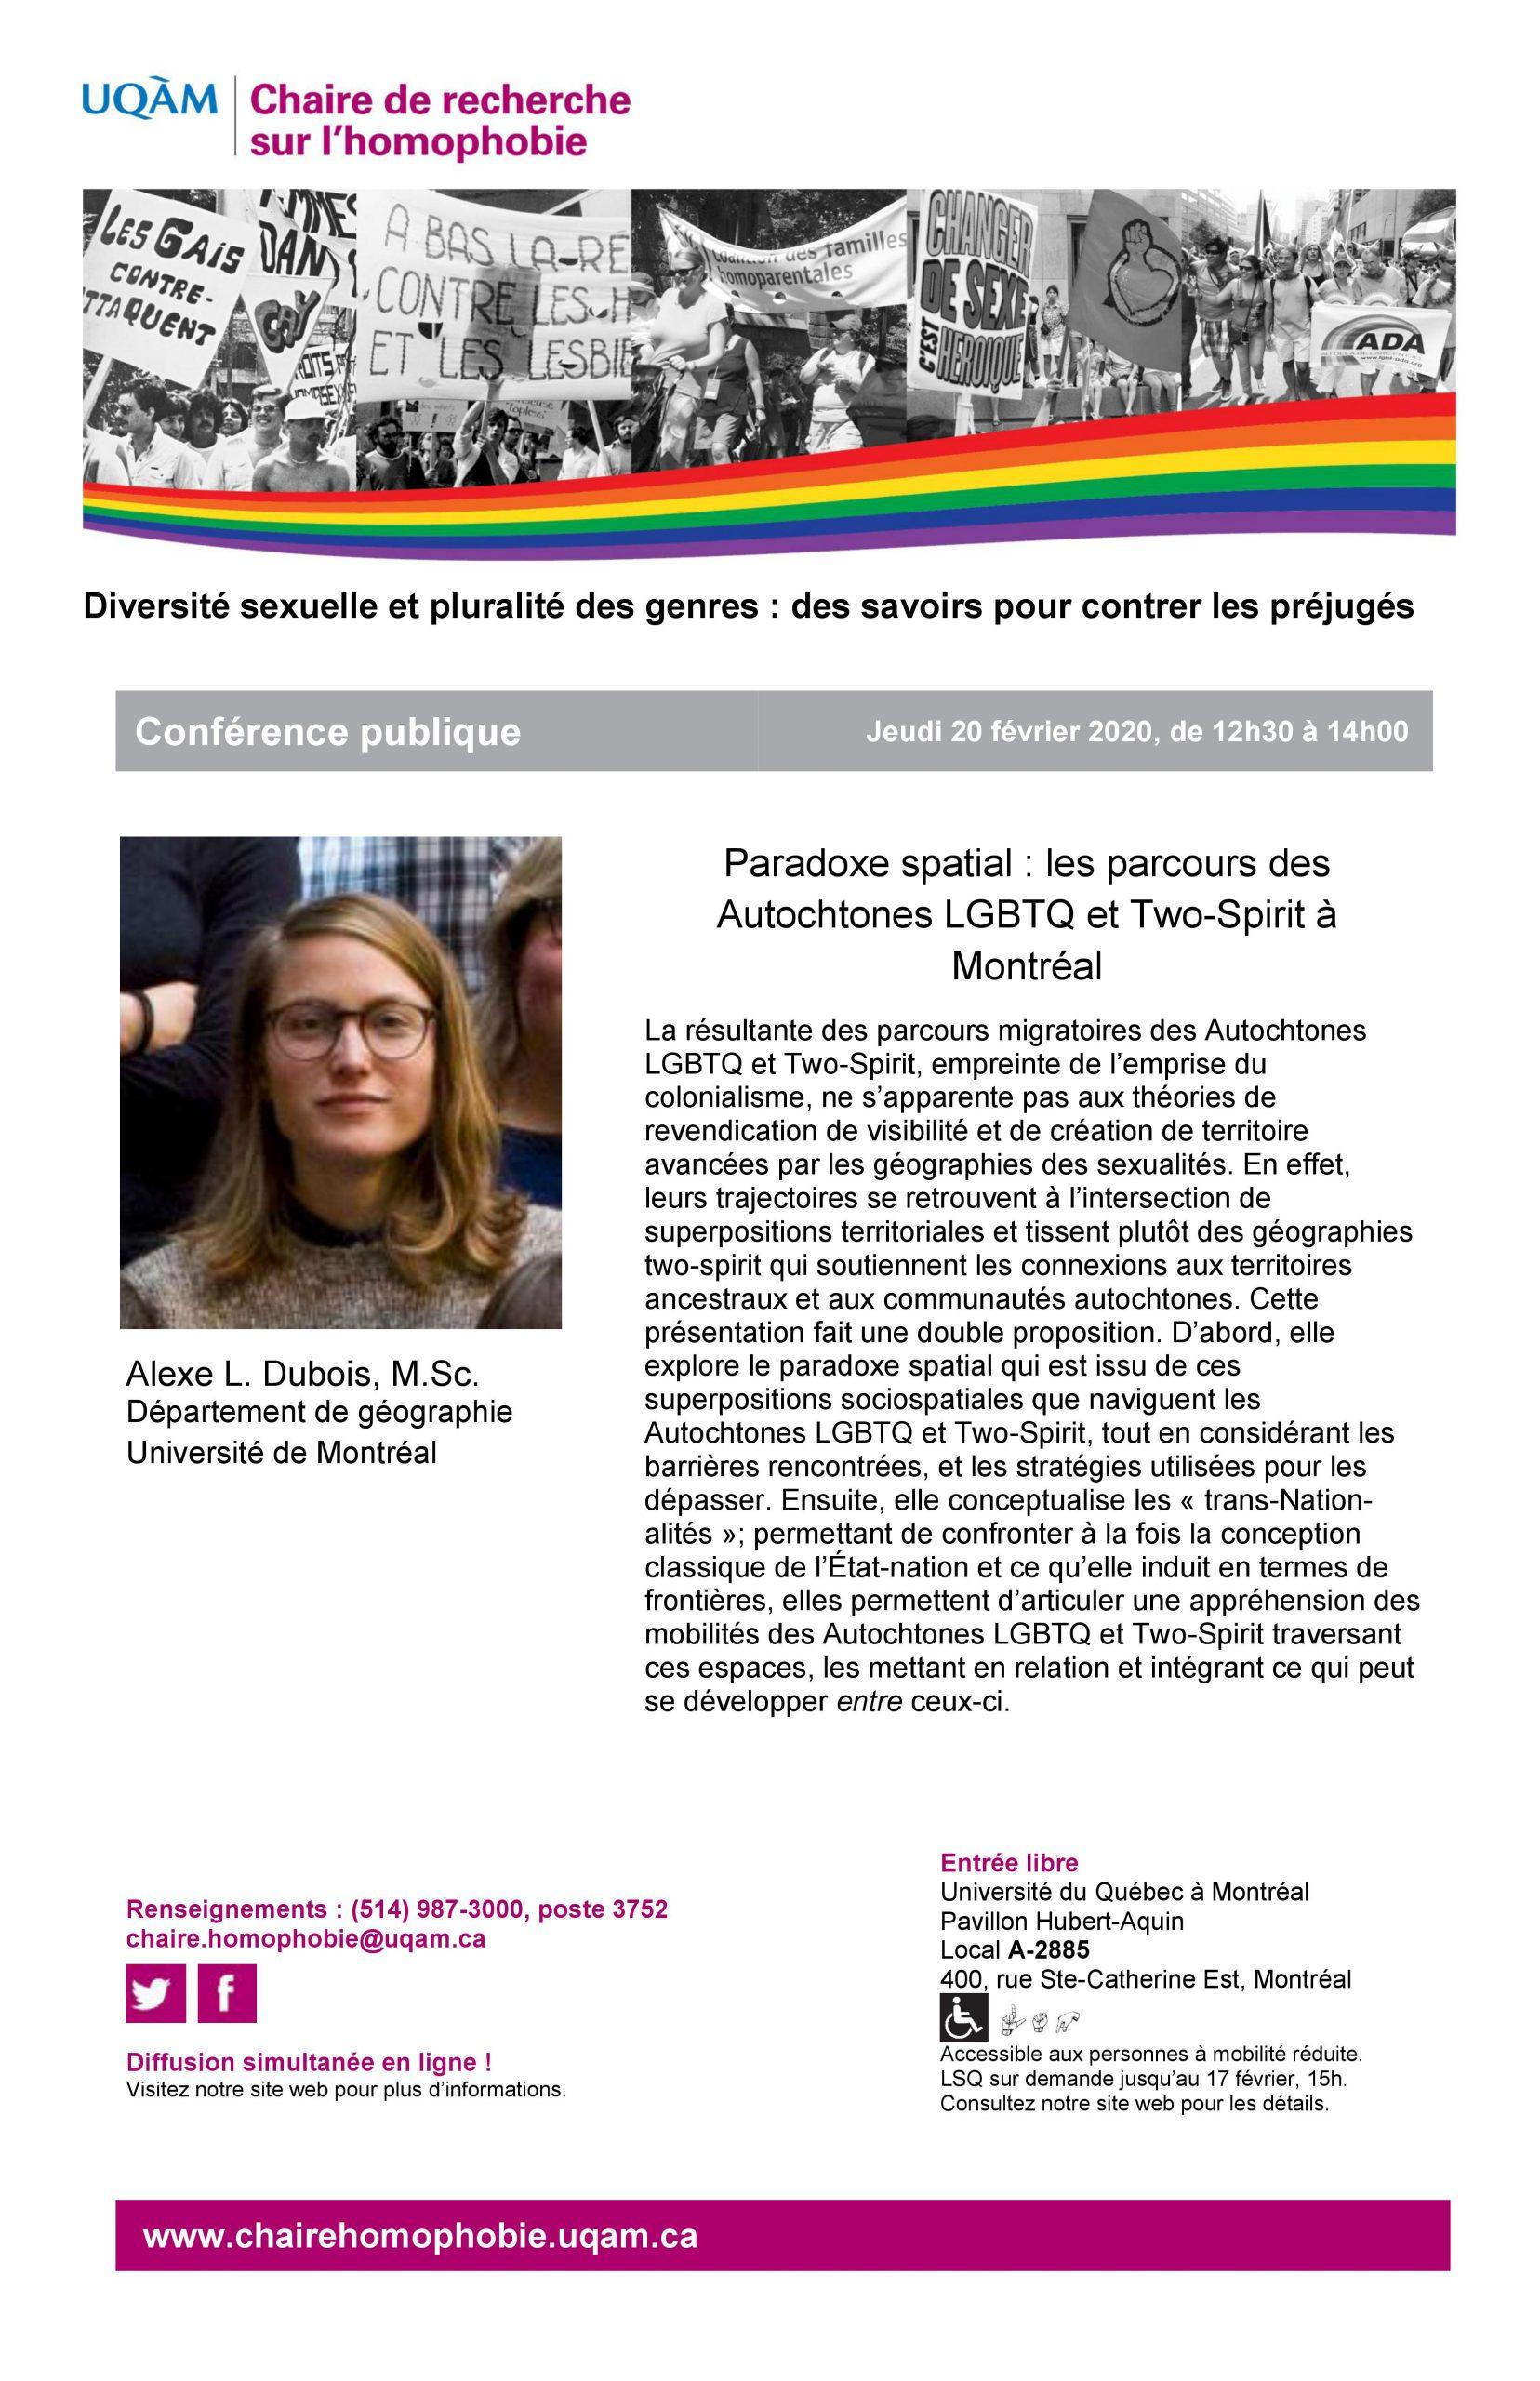 CONFÉRENCE PUBLIQUE | Paradoxe spatial : les parcours des Autochtones LGBTQ et Two-Spirit à Montréal